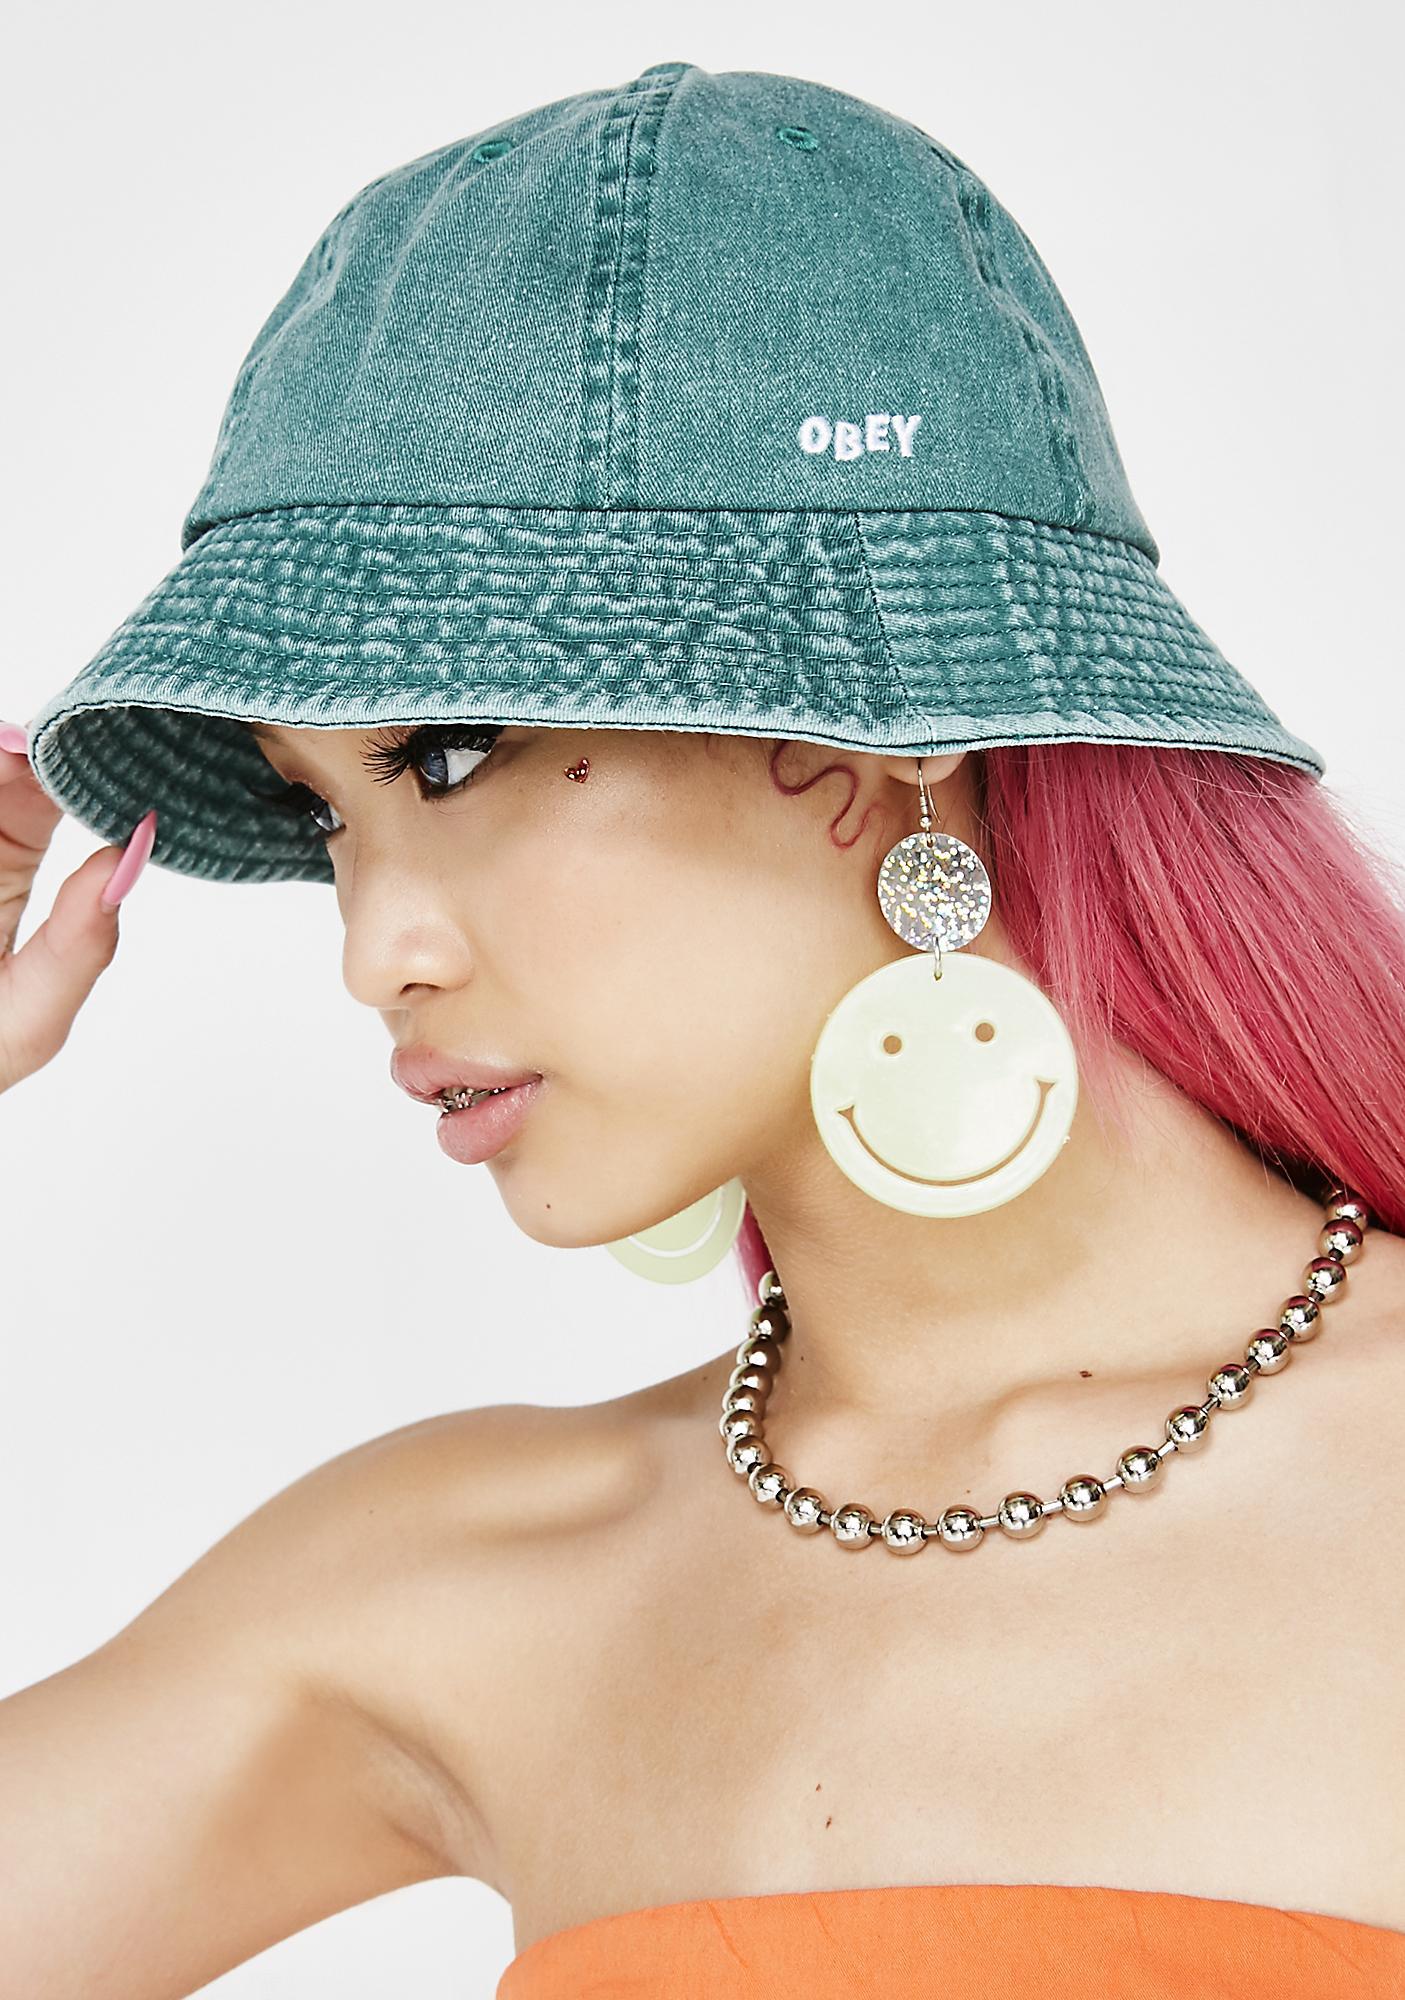 a20e4efc70c64 Obey Decades Bucket Hat